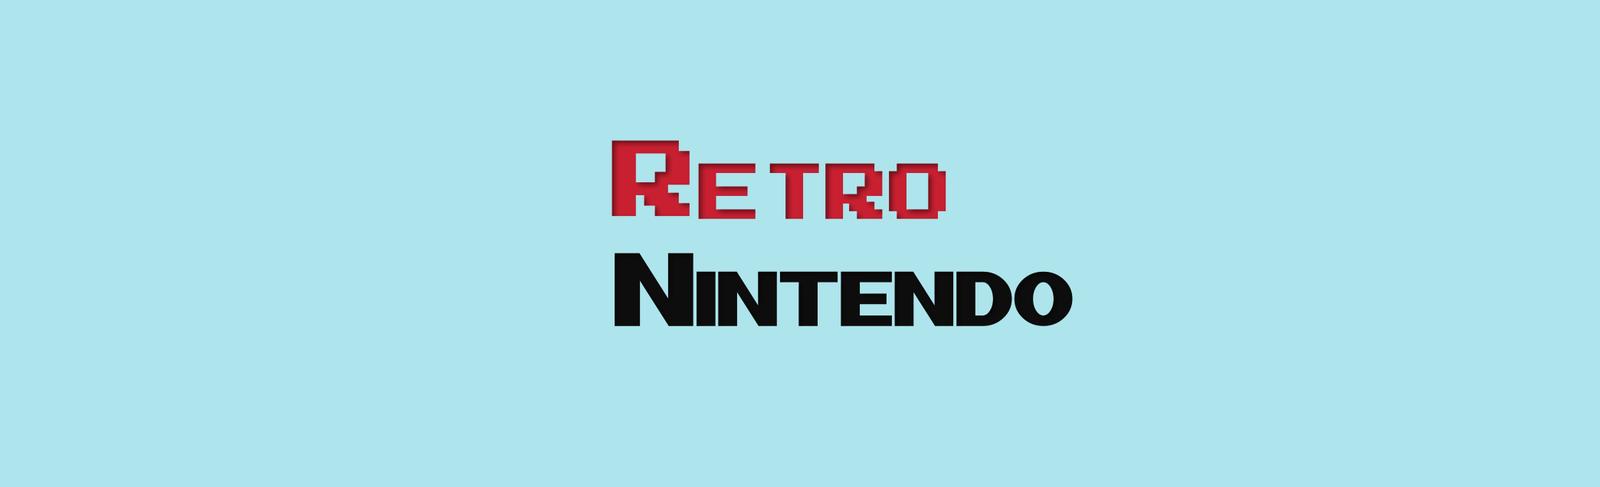 Retro-Nintendo64